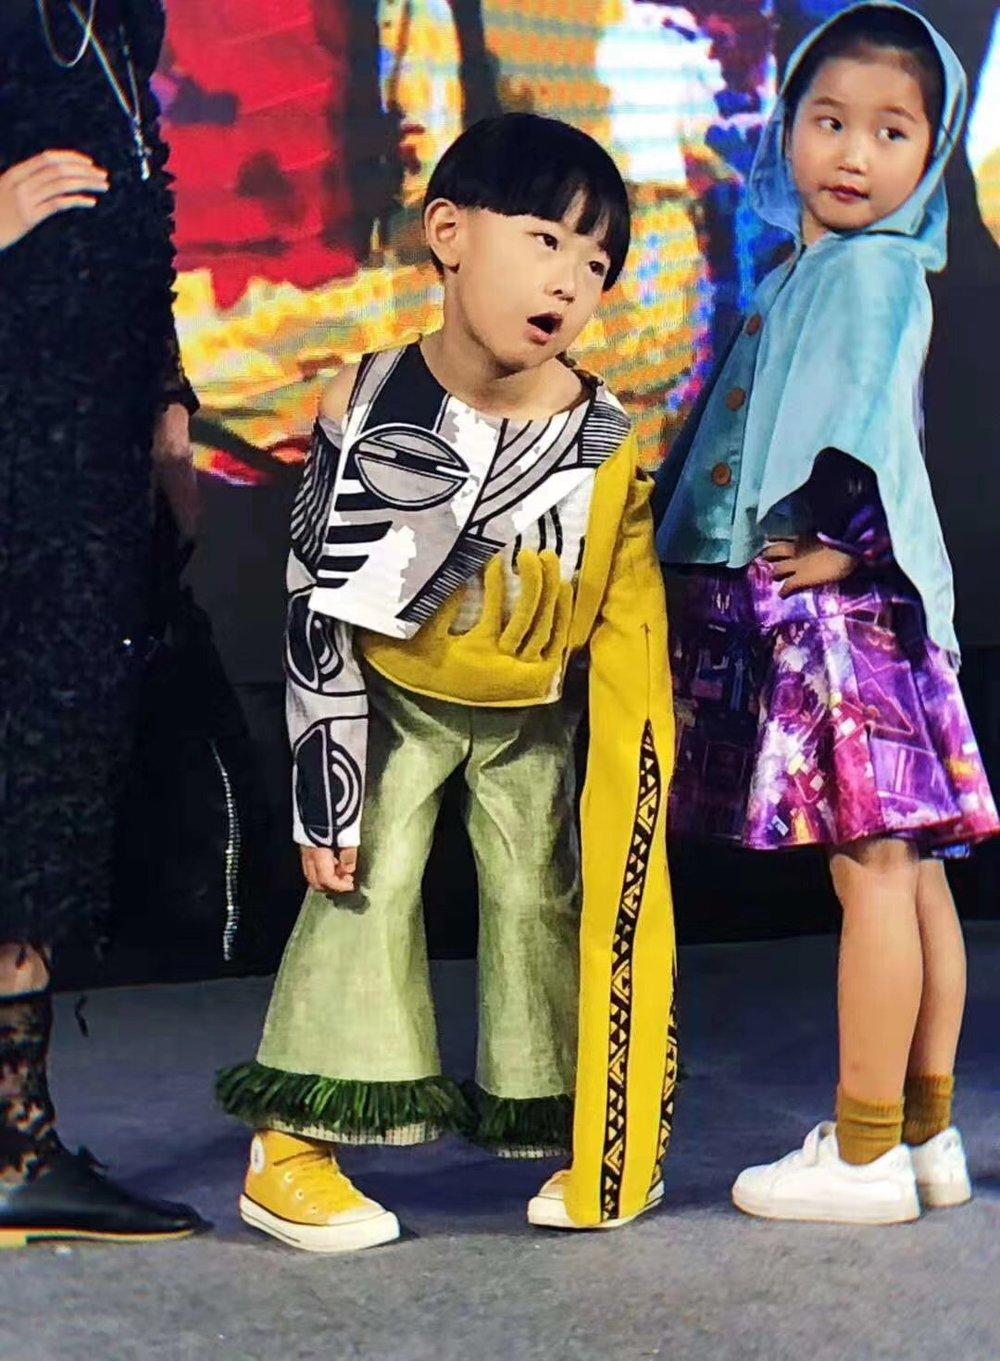 Xiulian Zheng